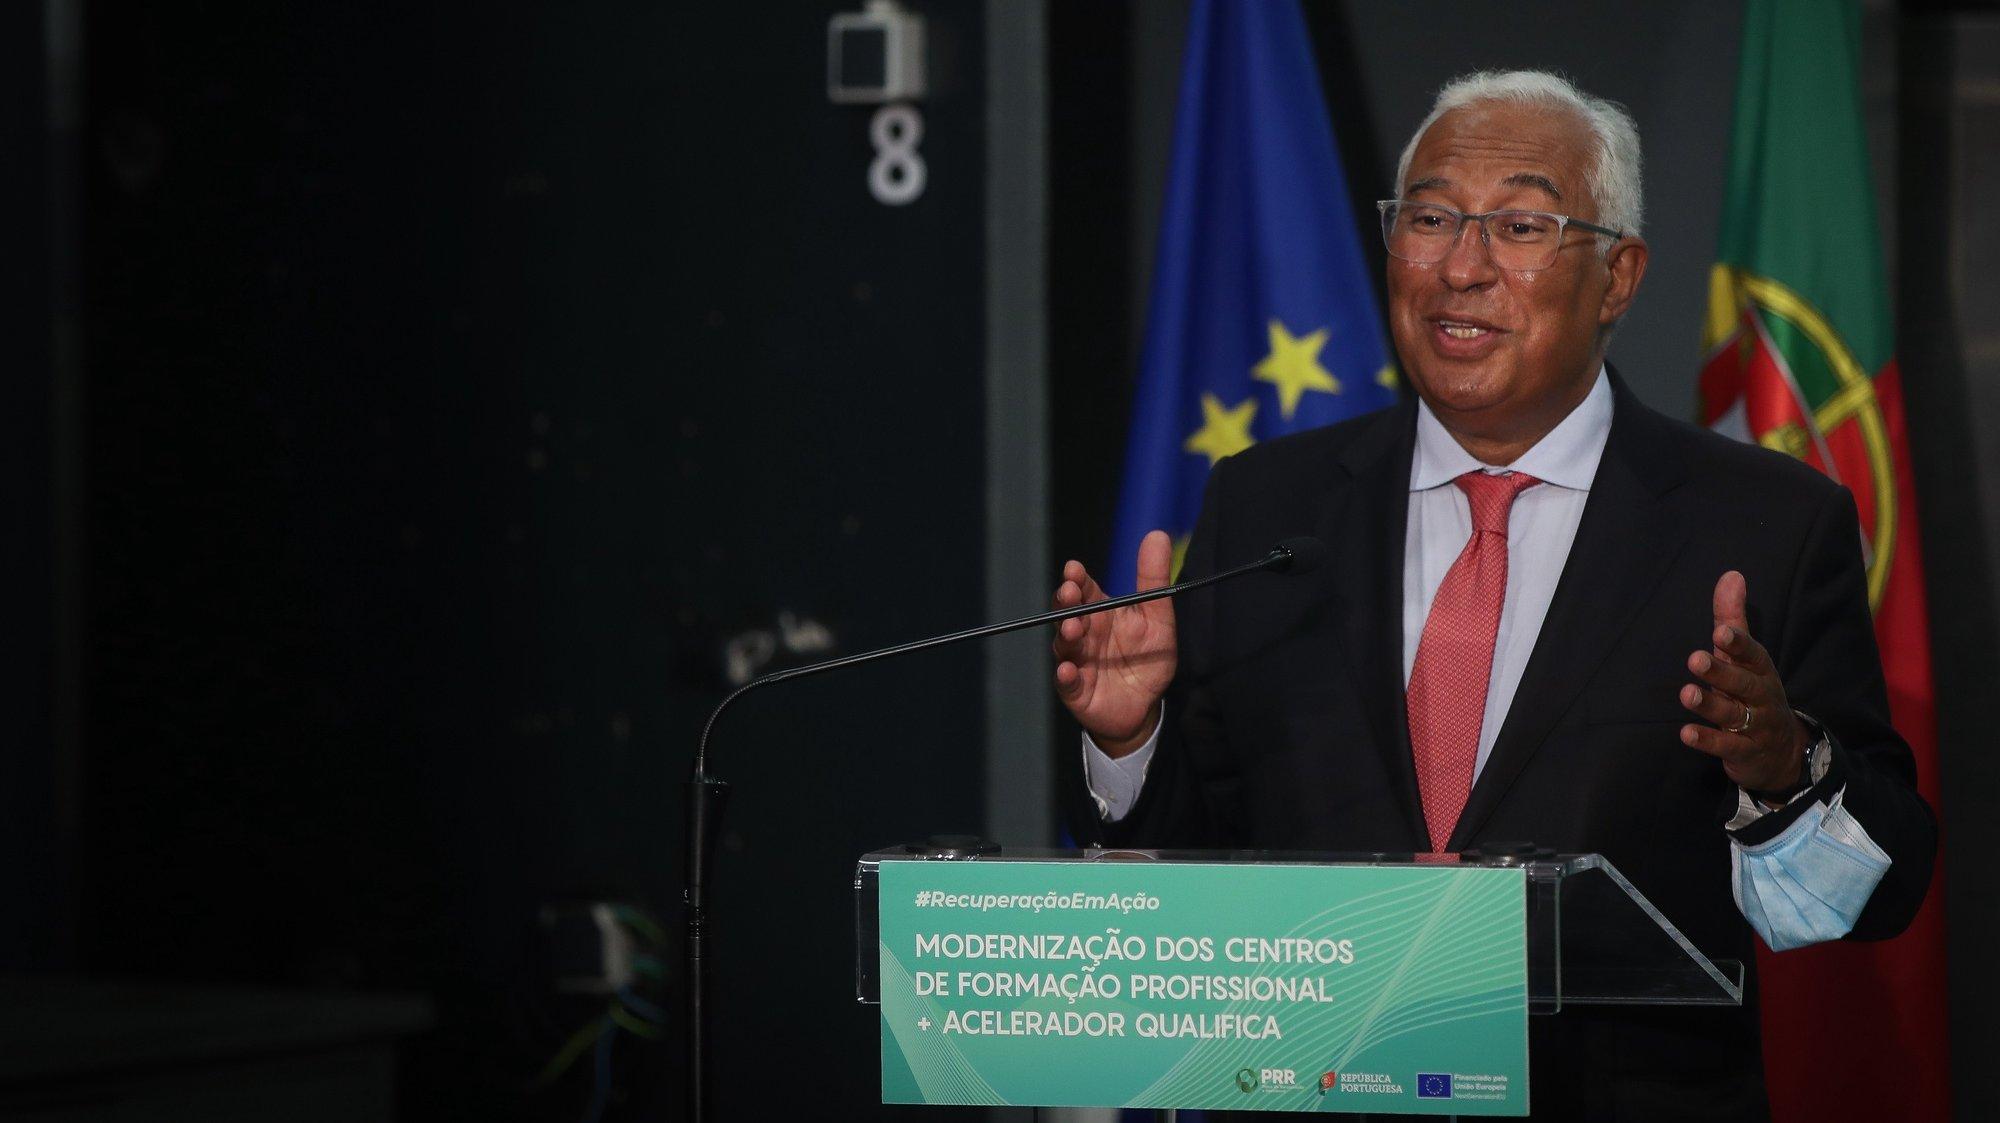 O primeiro-ministro, António Costa, participa na sessão de assinatura do Contrato da Modernização dos Centros de Formação Profissional e do Acelerador Qualifica, no âmbito da implementação do Plano de Recuperação e Resiliência, no Centro Profissional de Alverca, Alverca do Ribatejo, 7 de setembro de 2021. MÁRIO CRUZ/LUSA